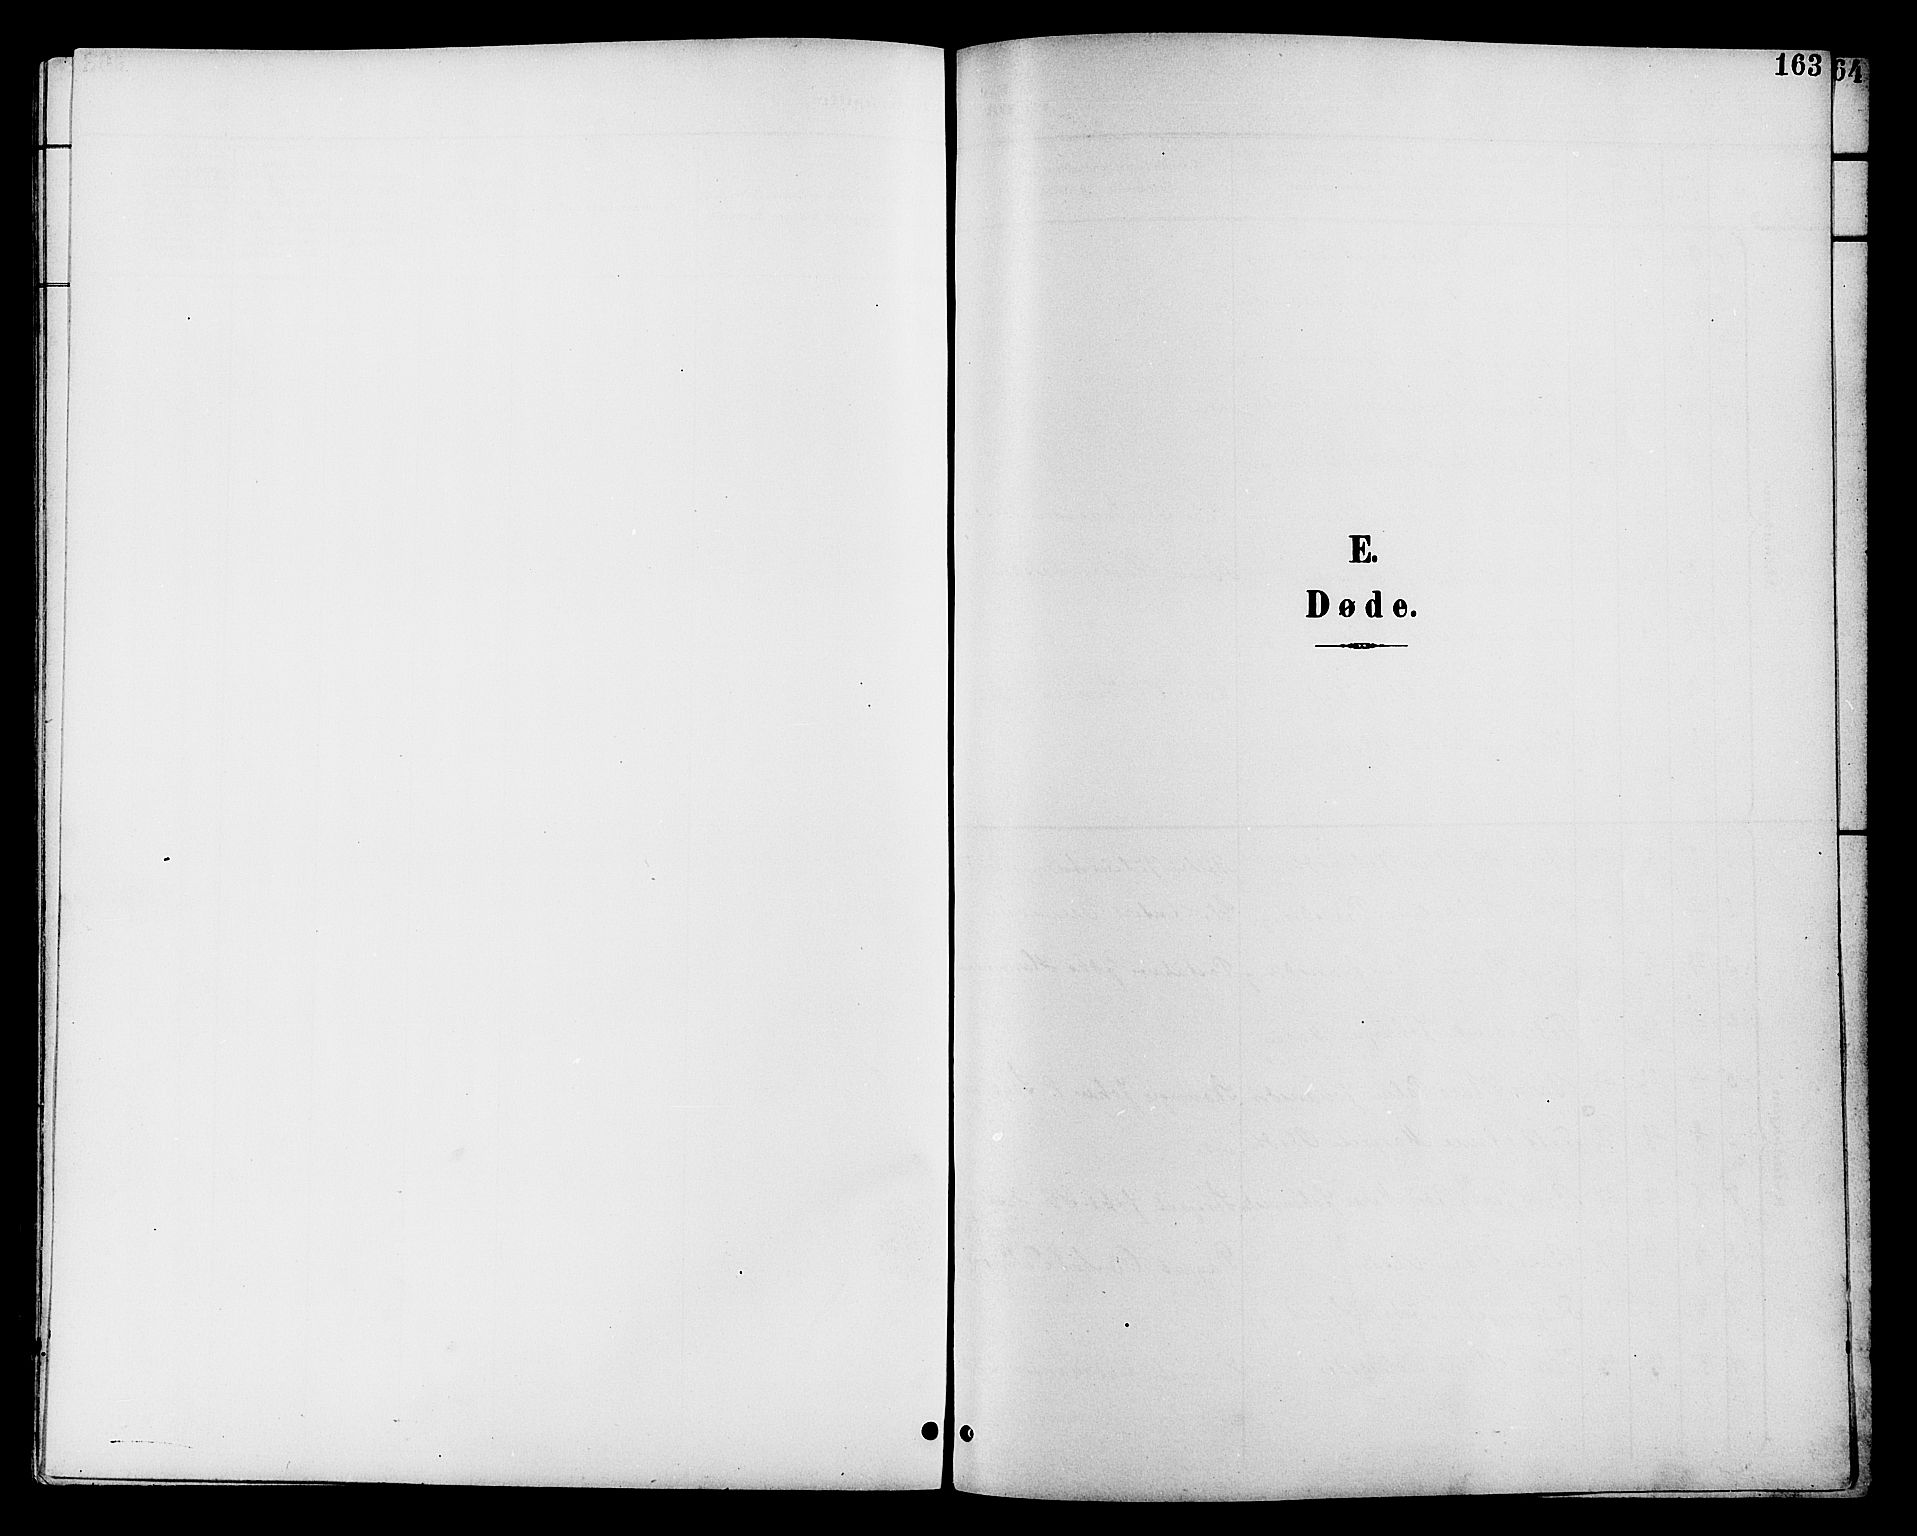 SAH, Vestre Toten prestekontor, Klokkerbok nr. 11, 1901-1911, s. 163